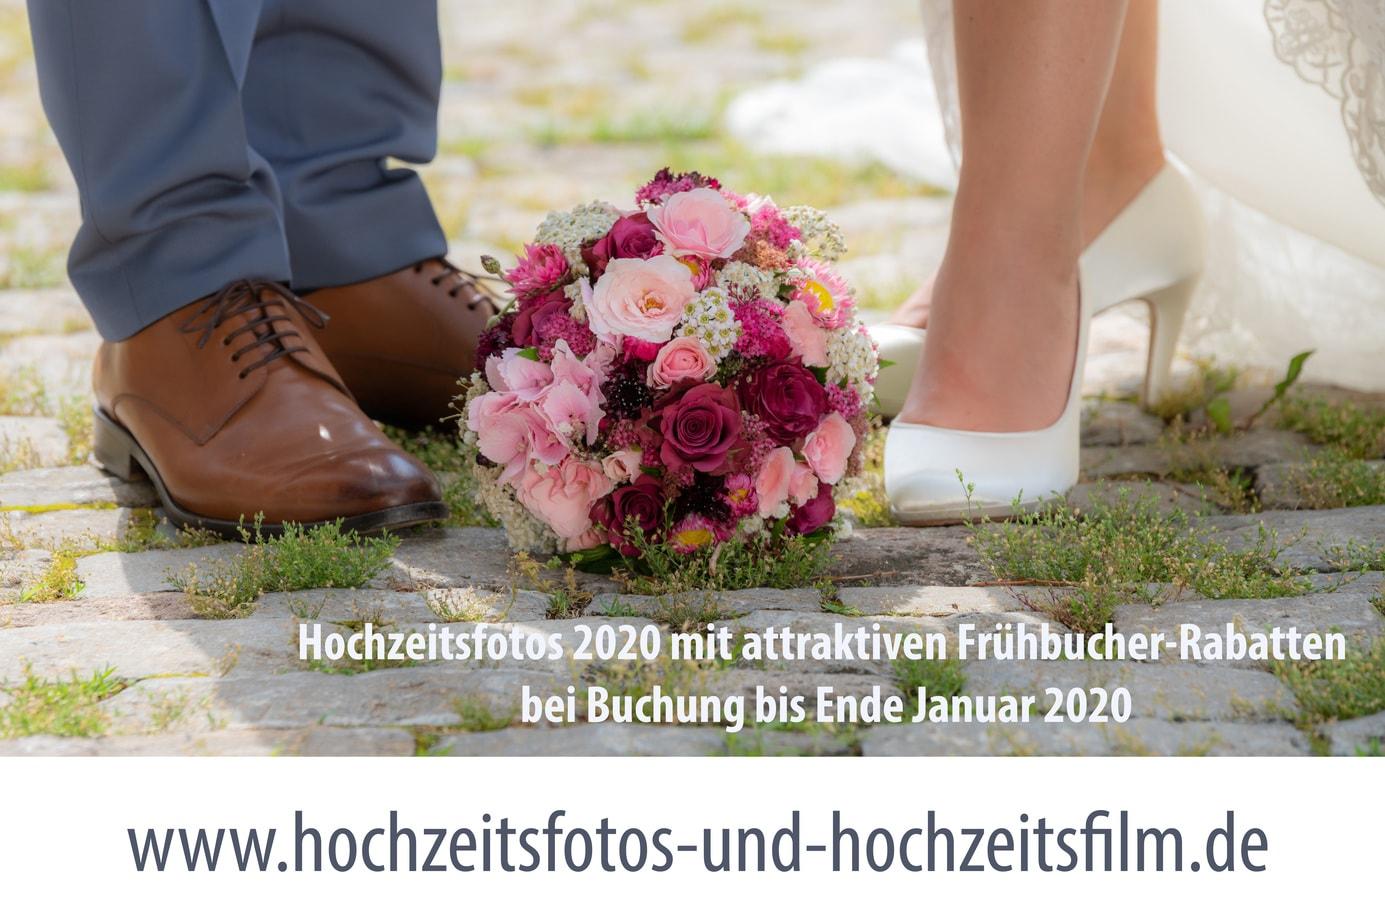 Frühbucherrabatt für Hochzeitsfotos in 2020